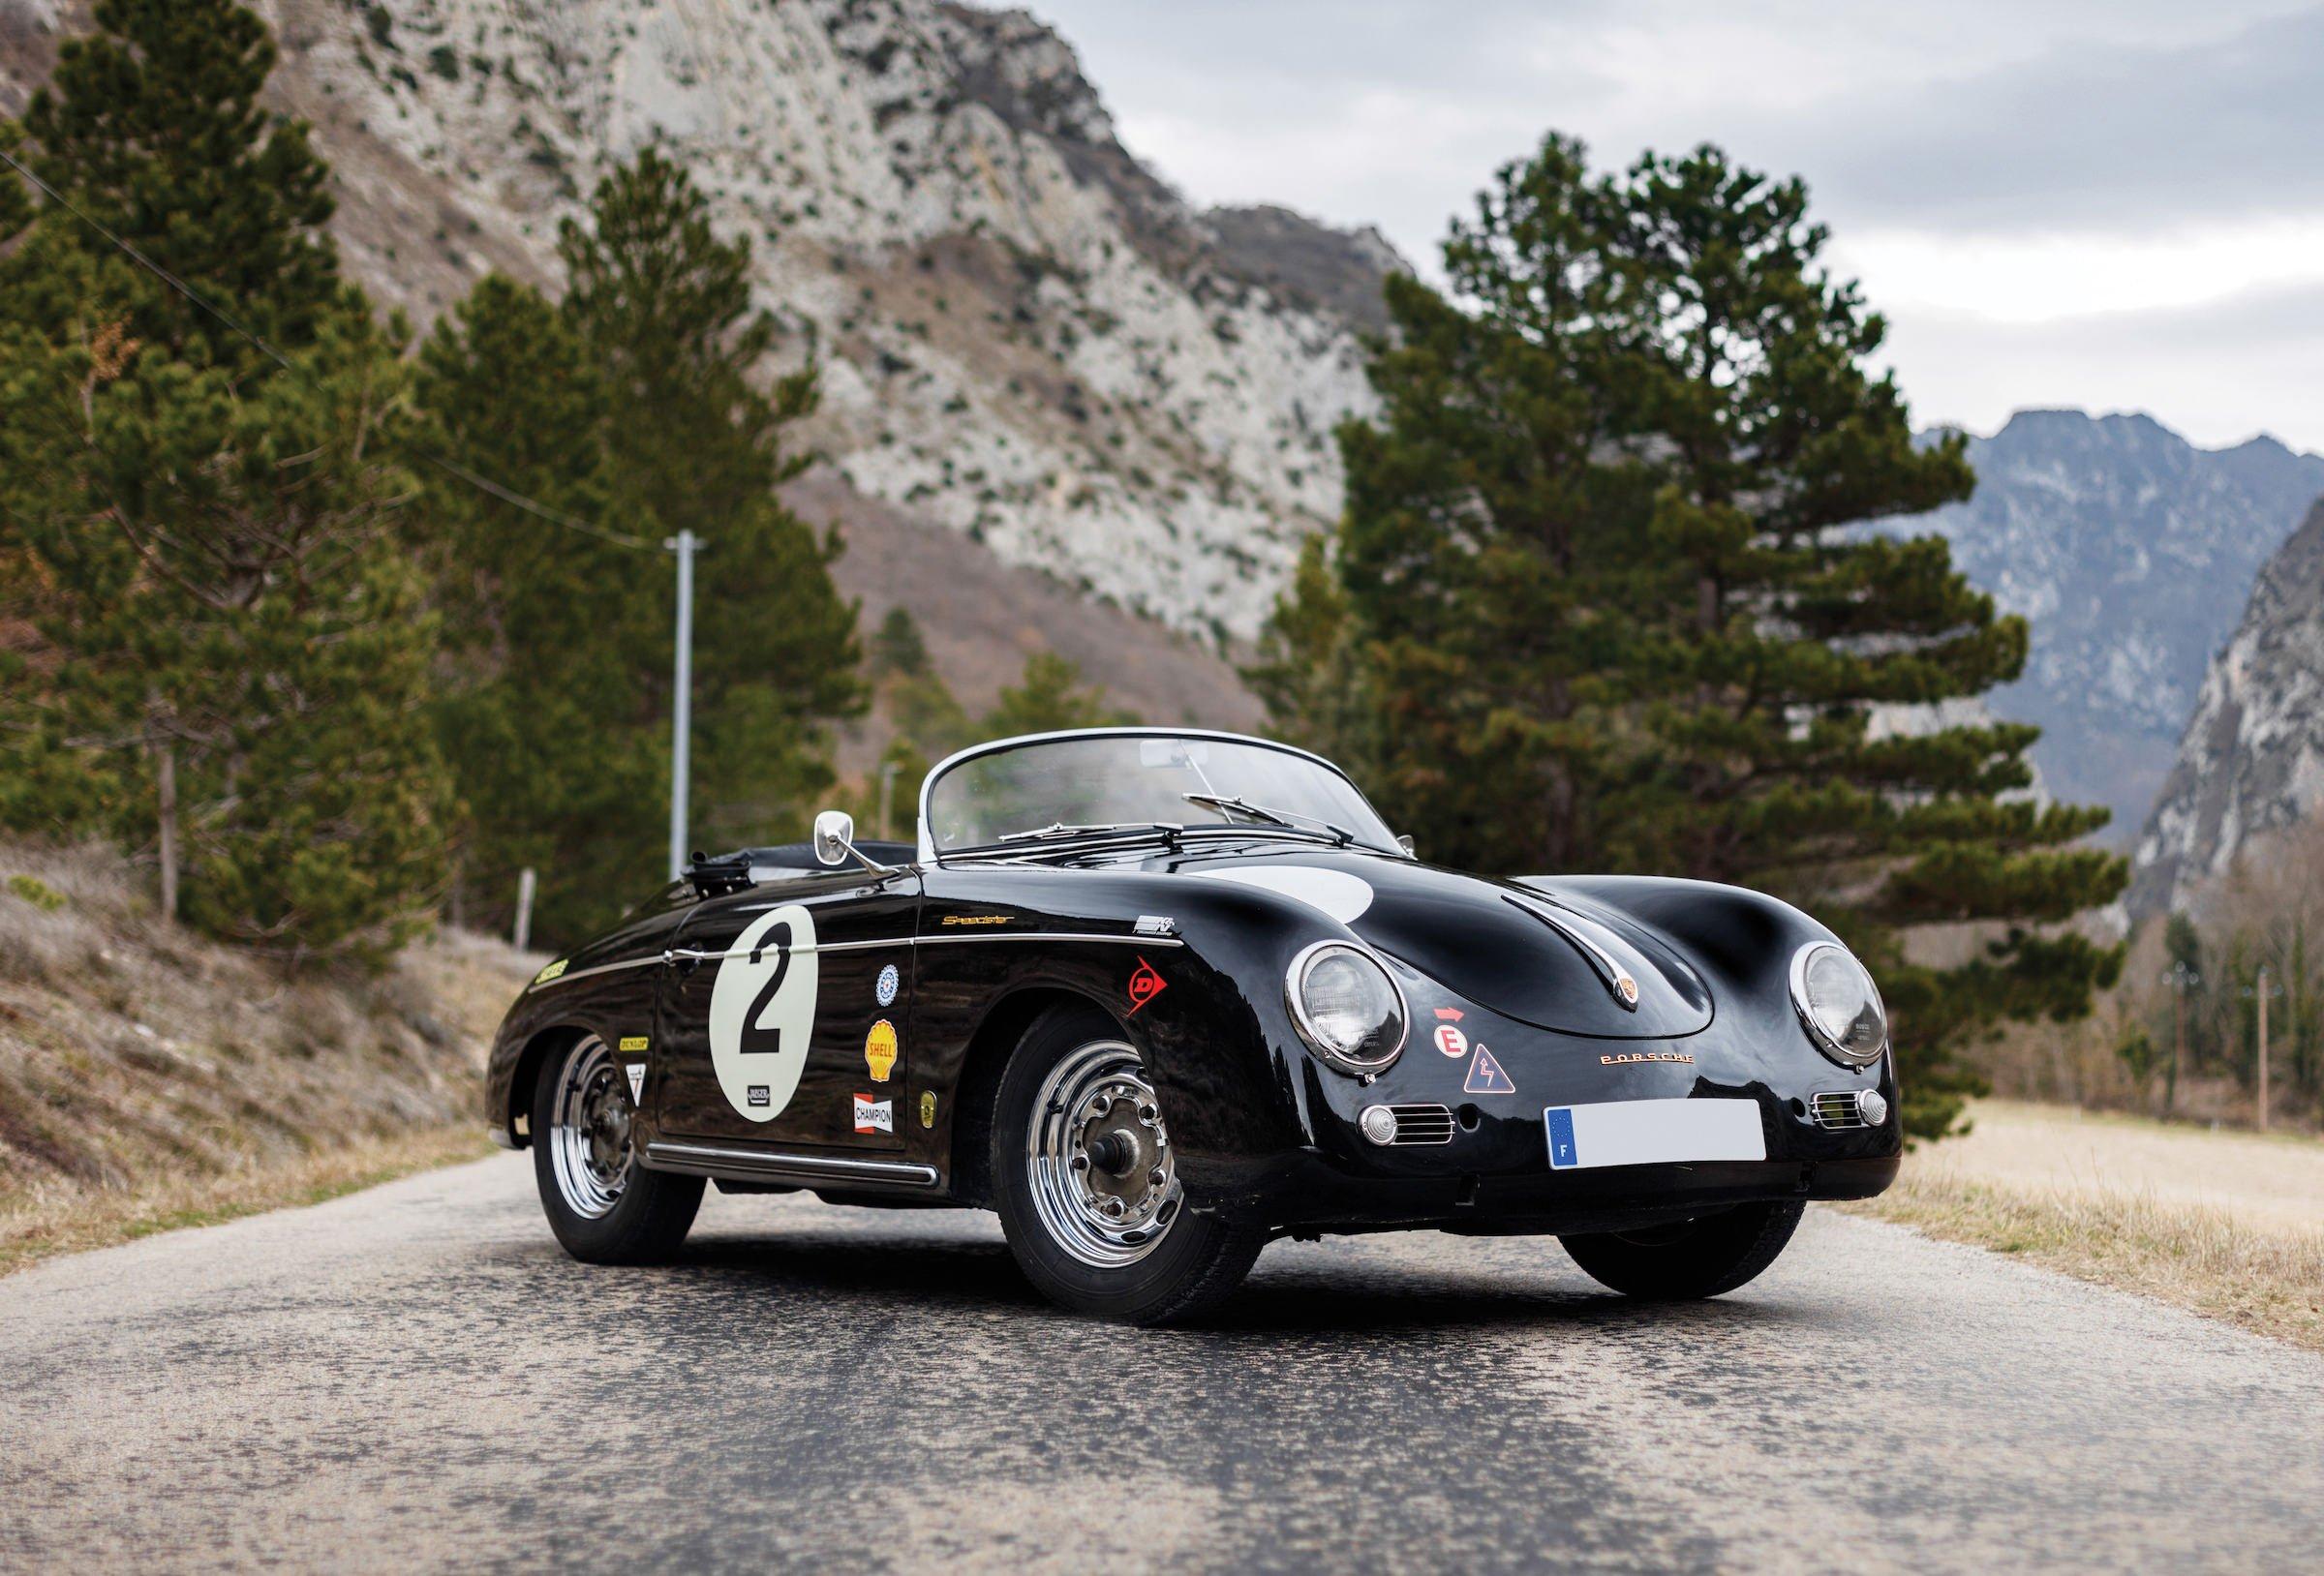 An Immaculate Porsche 356 Speedster Outlaw